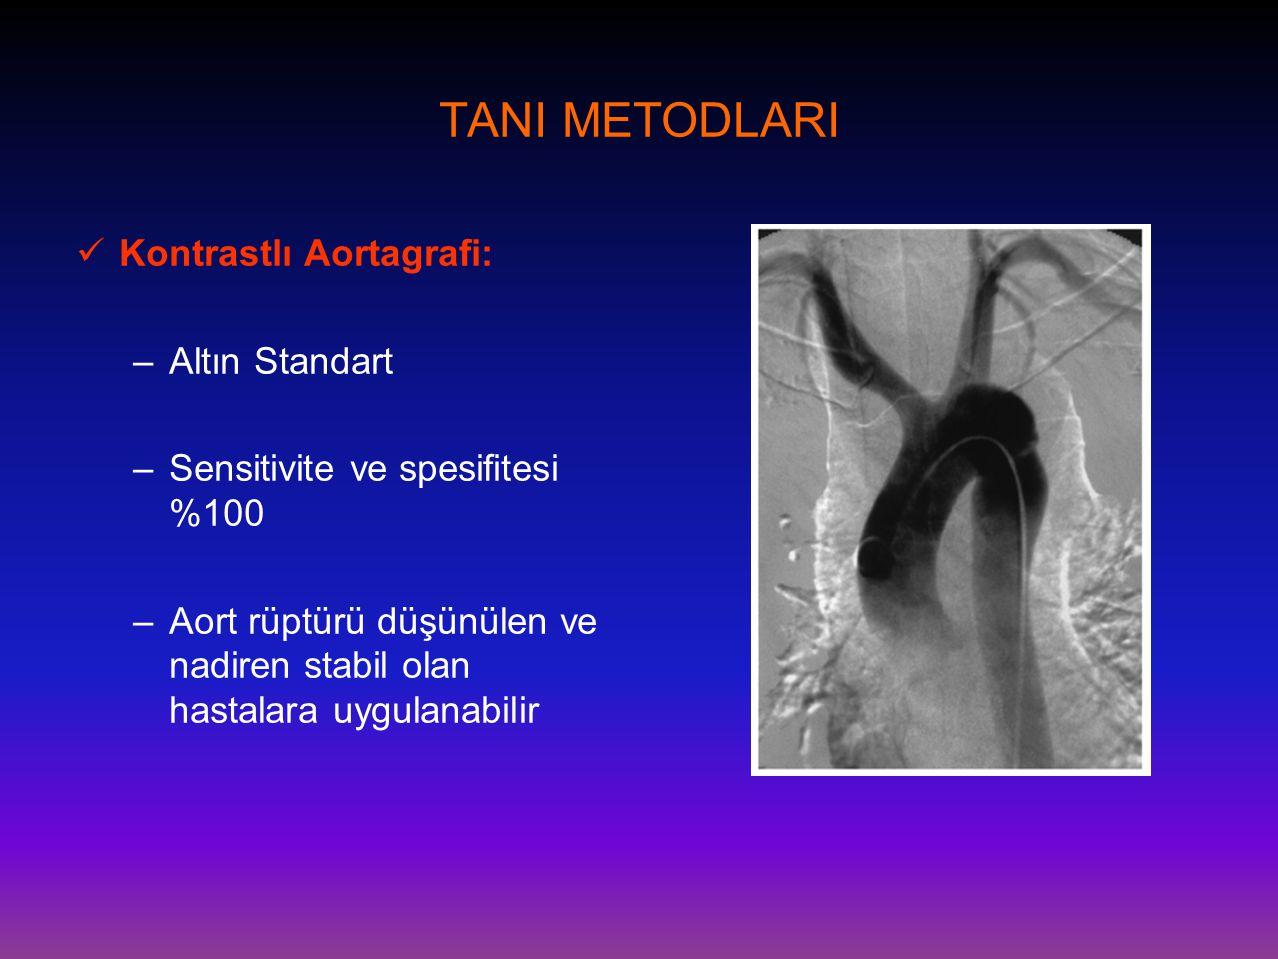 TANI METODLARI  Kontrastlı Aortagrafi: –Altın Standart –Sensitivite ve spesifitesi %100 –Aort rüptürü düşünülen ve nadiren stabil olan hastalara uygu